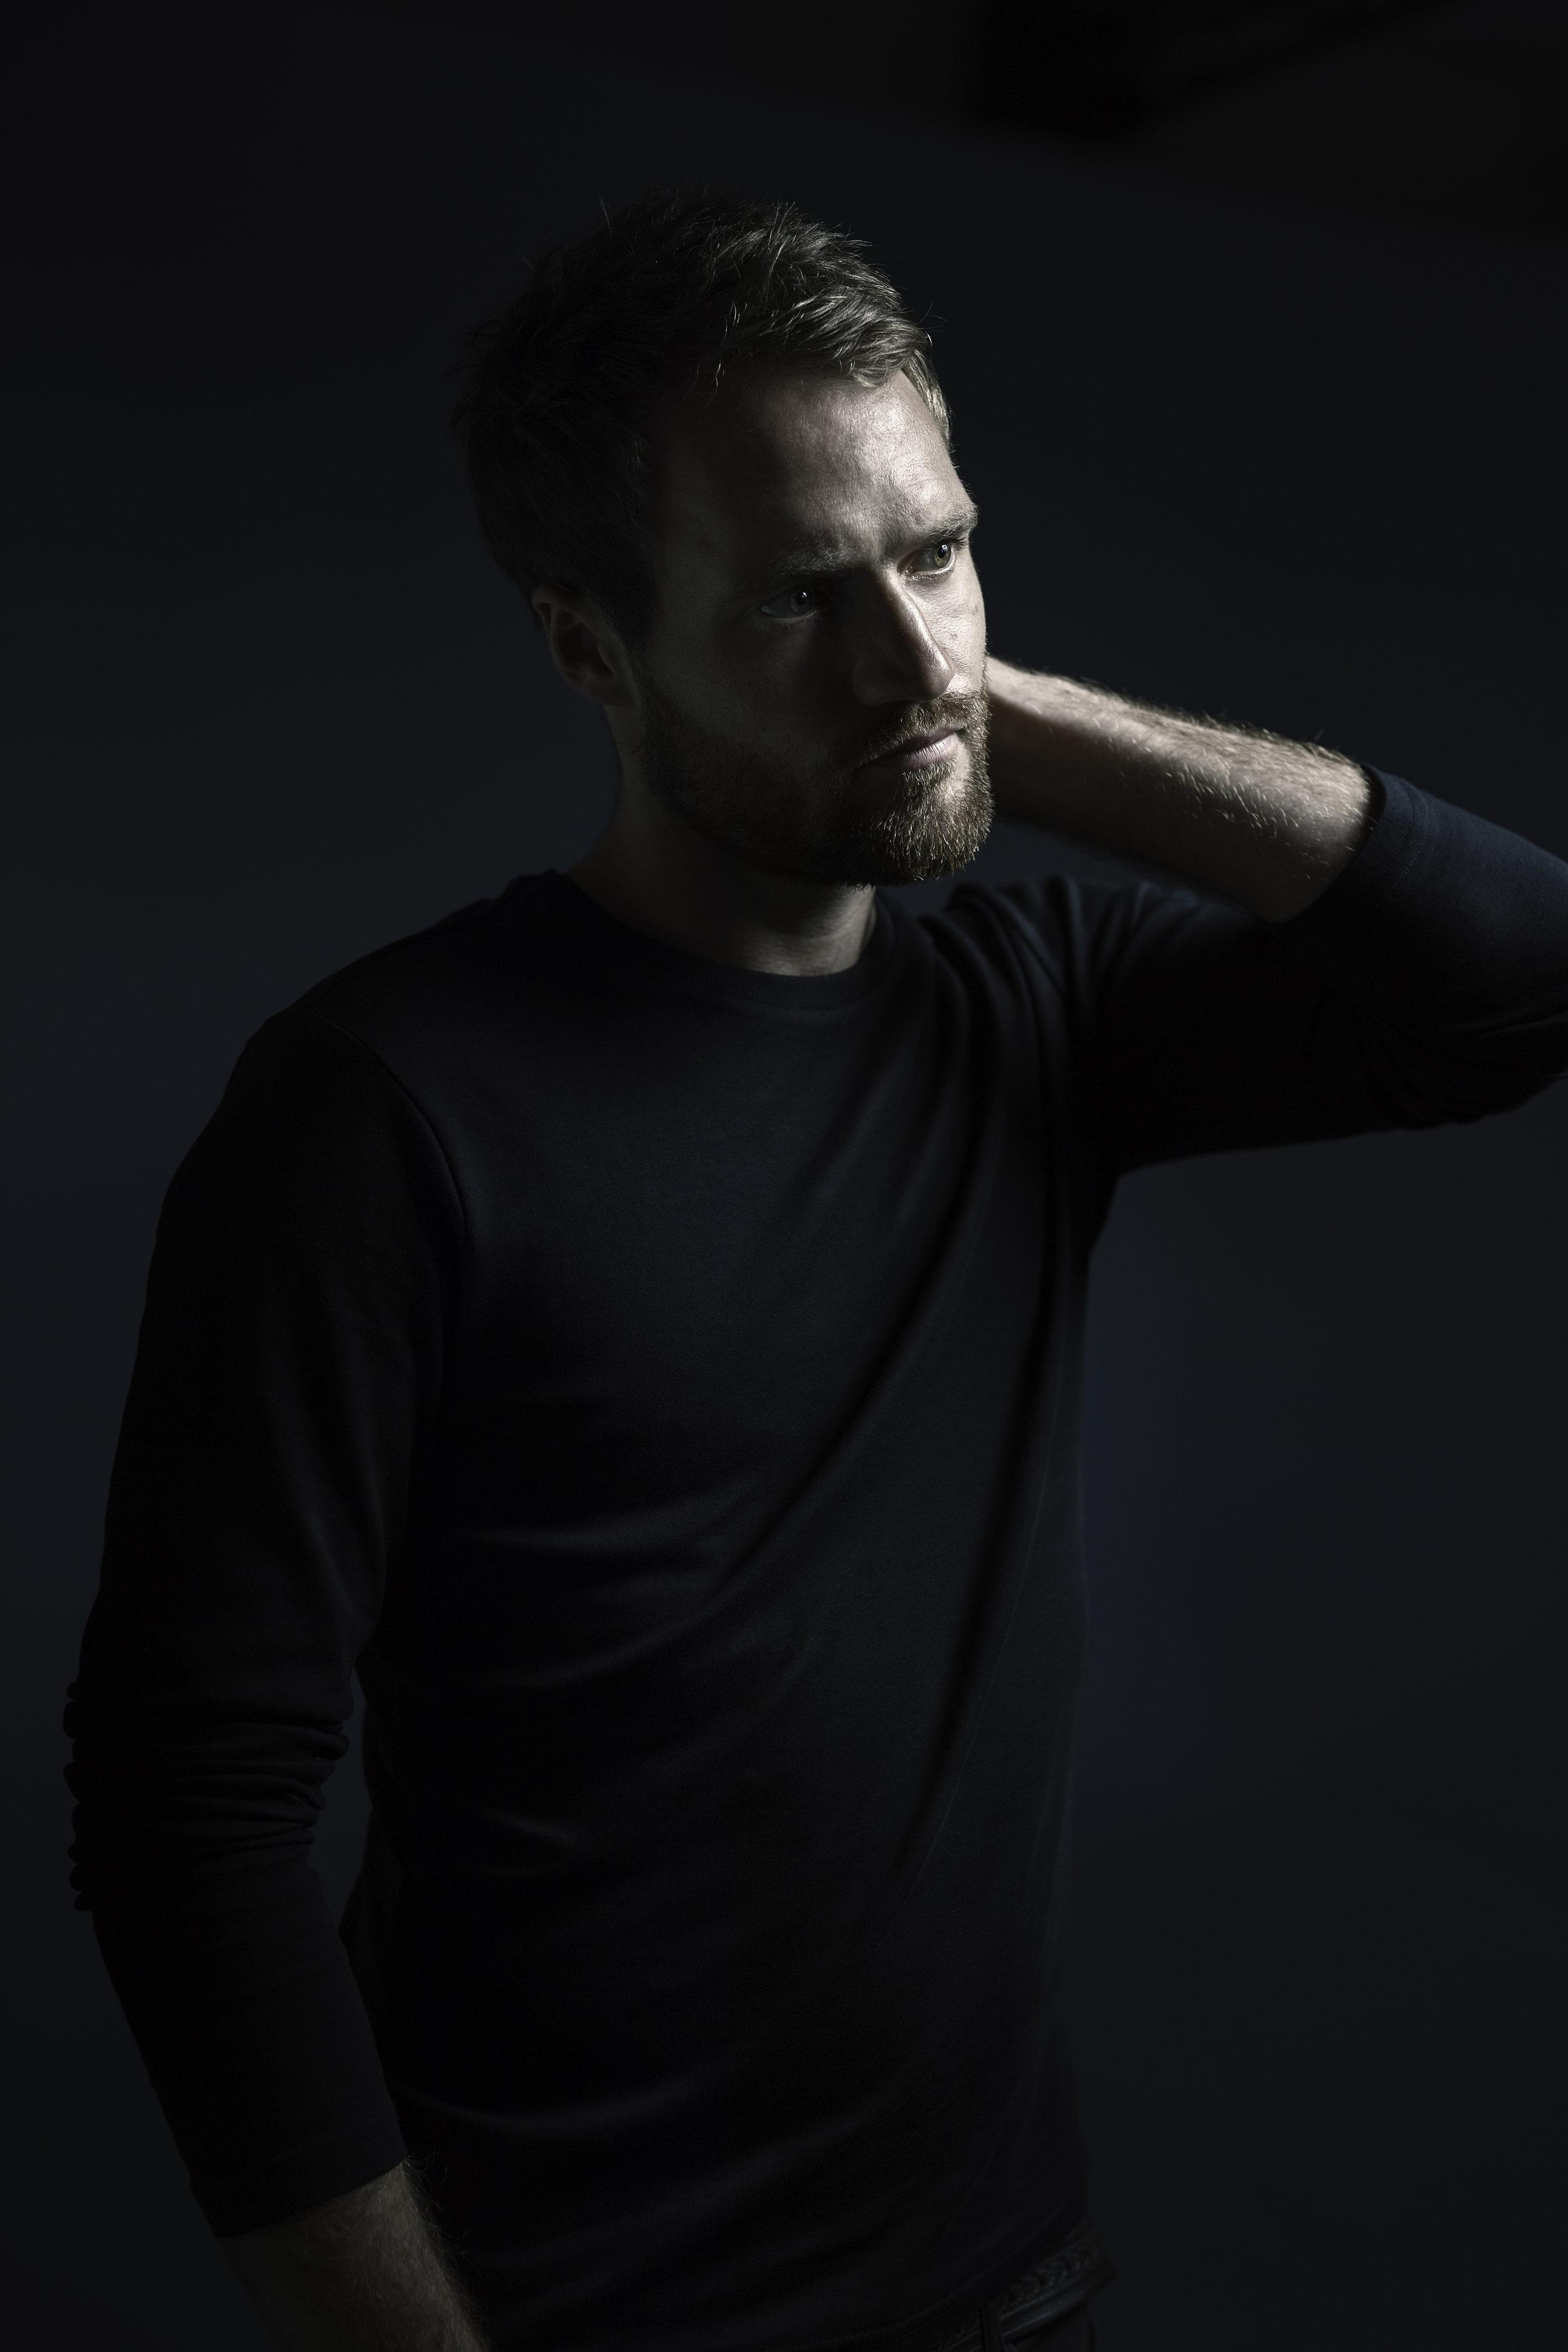 20181004_20181004_ChristianHankammer_Schauspieler_AR_08XL.jpg